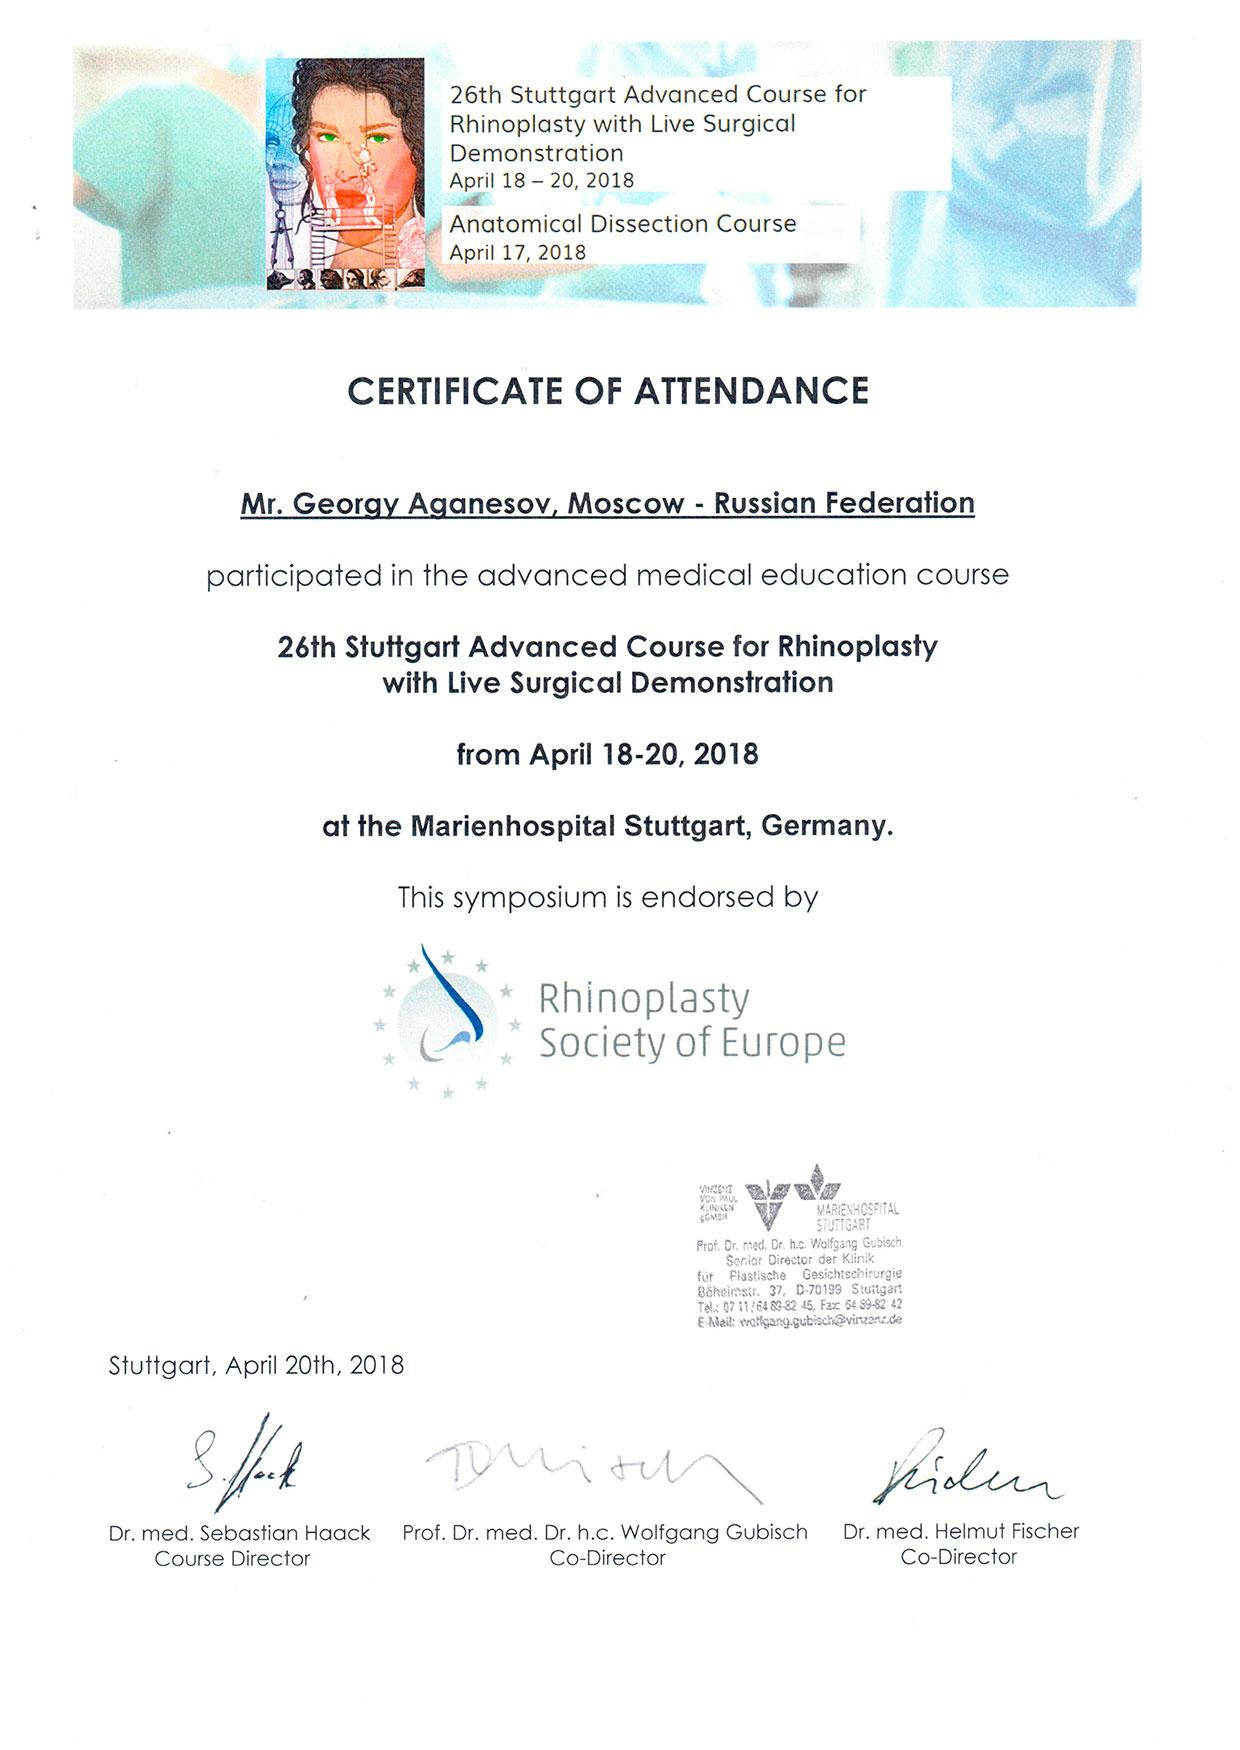 Штутгартский продвинутый курс по ринопластике с демонстрацией хирургической операции в реальном времени.